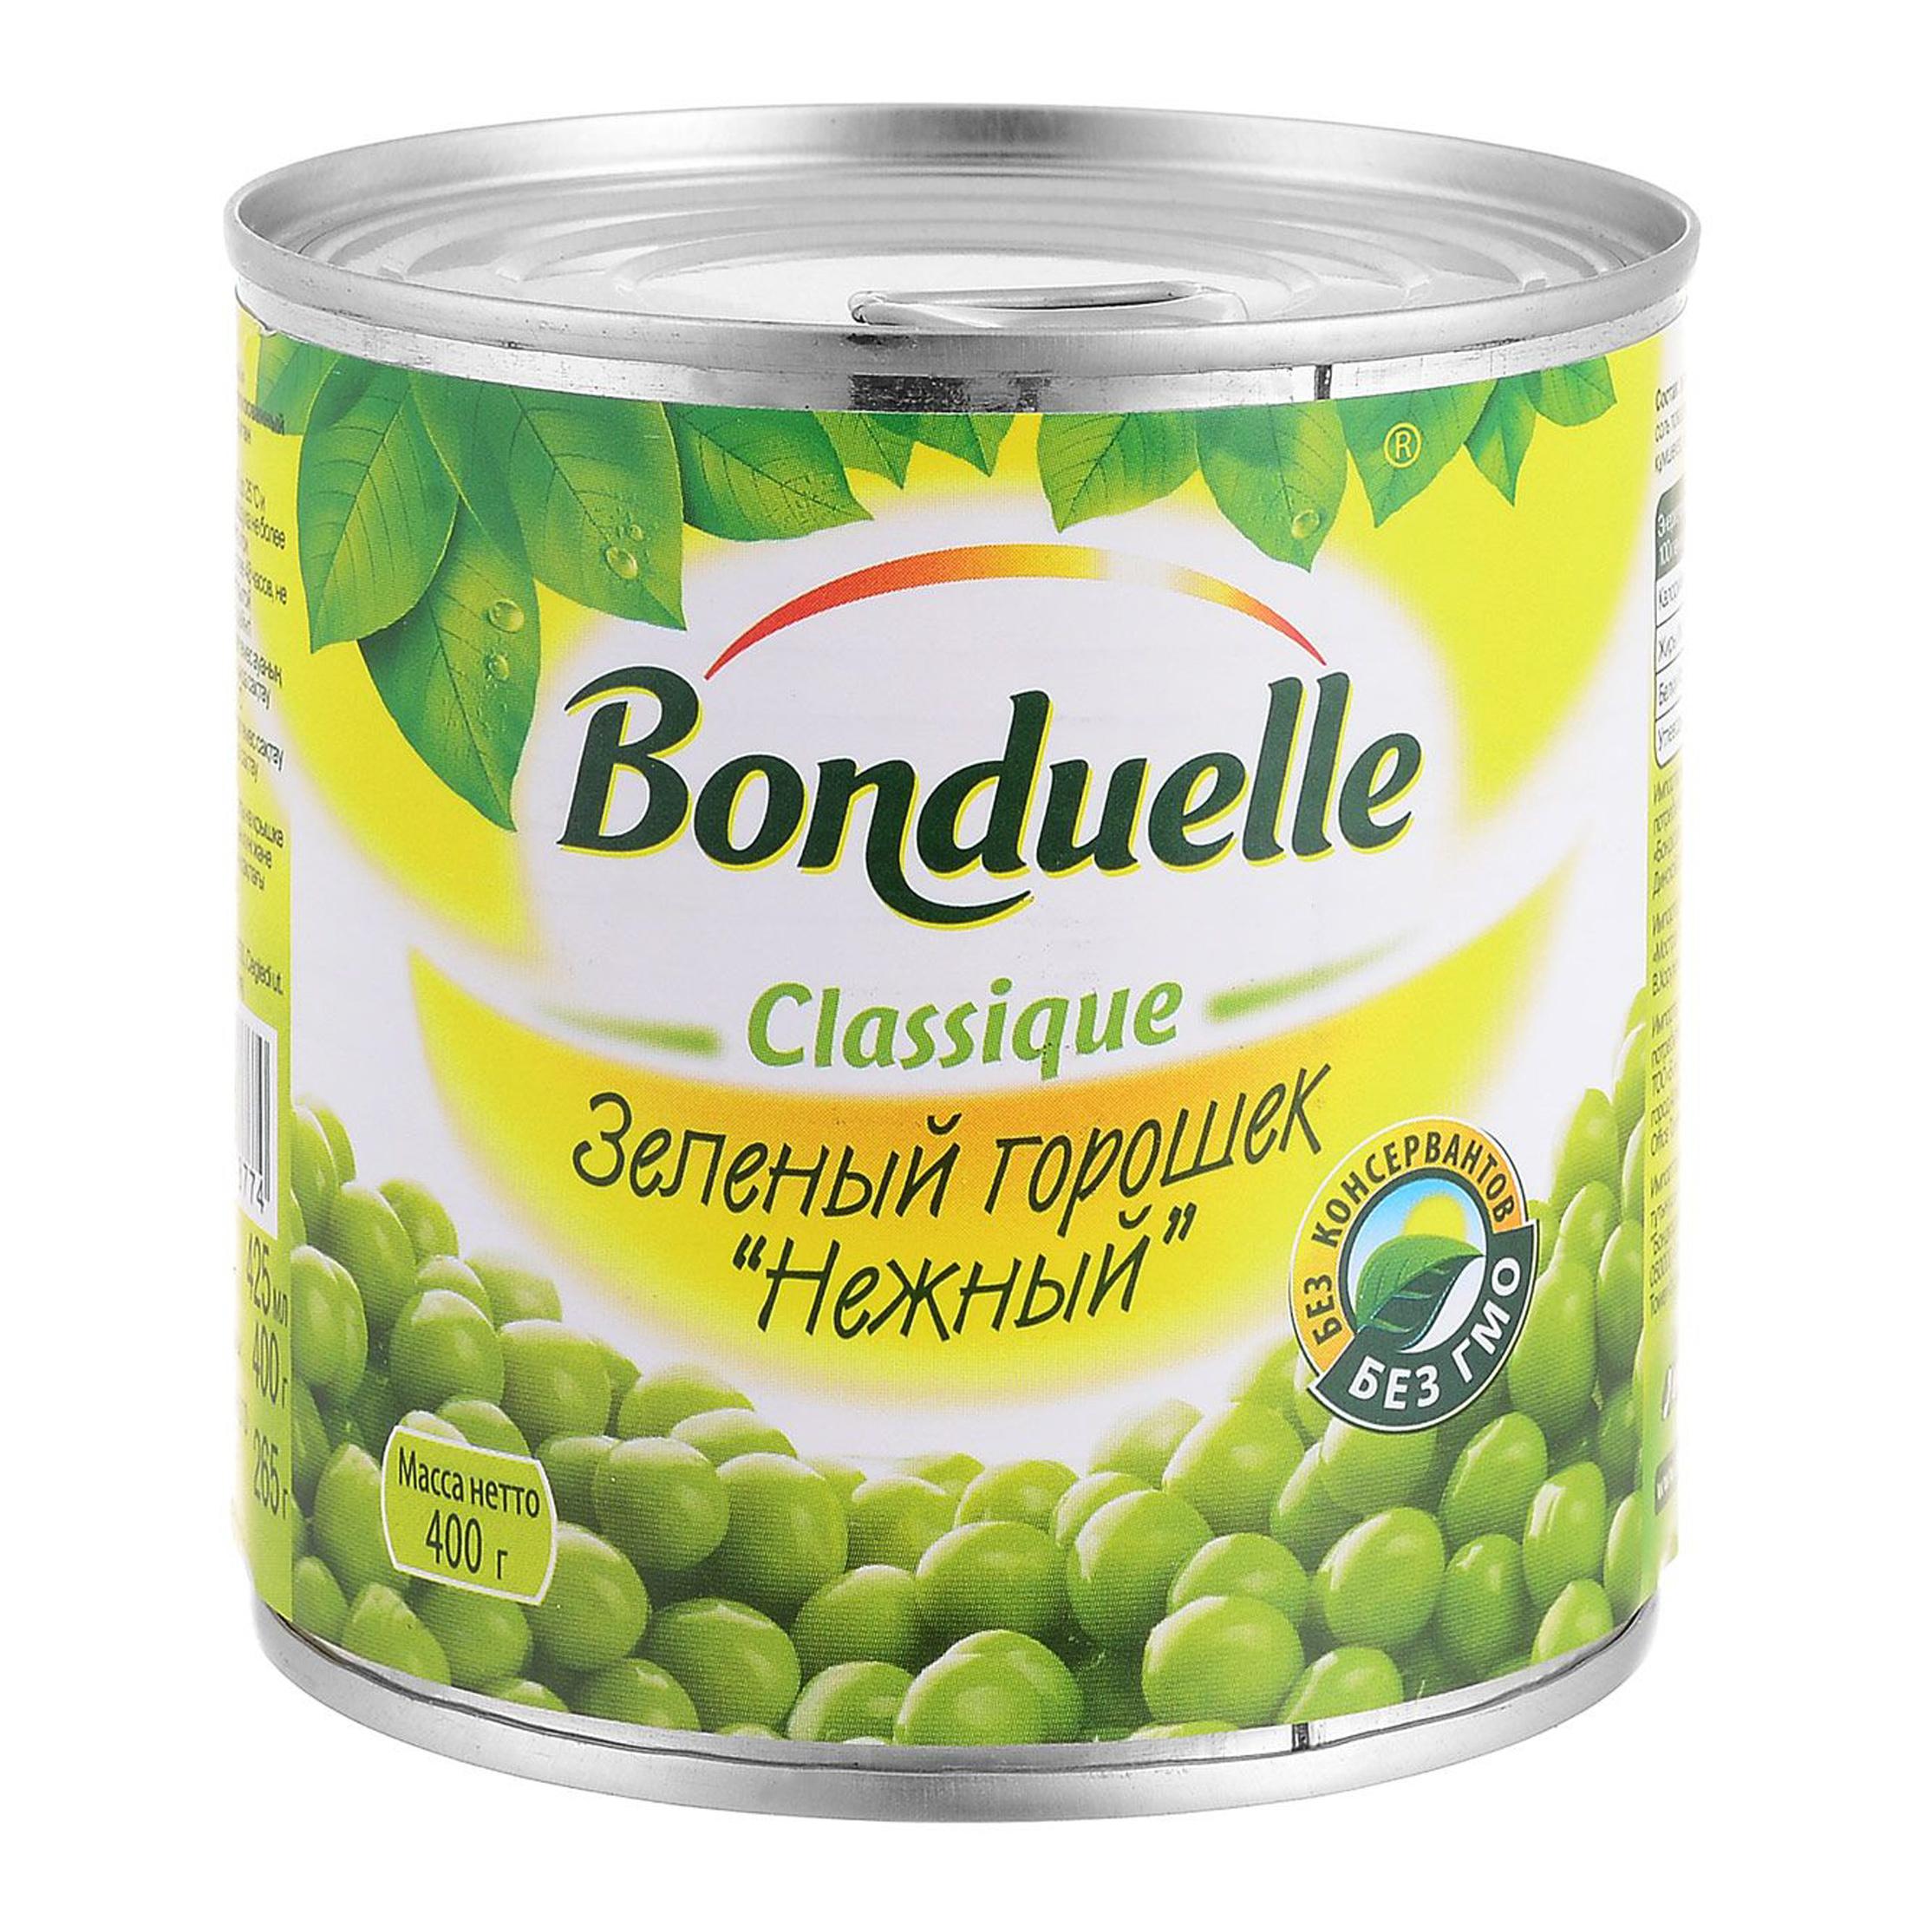 Горошек зеленый Bonduelle Нежный 400 г зеленый горошек bonduelle classique нежный стеклянная банка 530 г